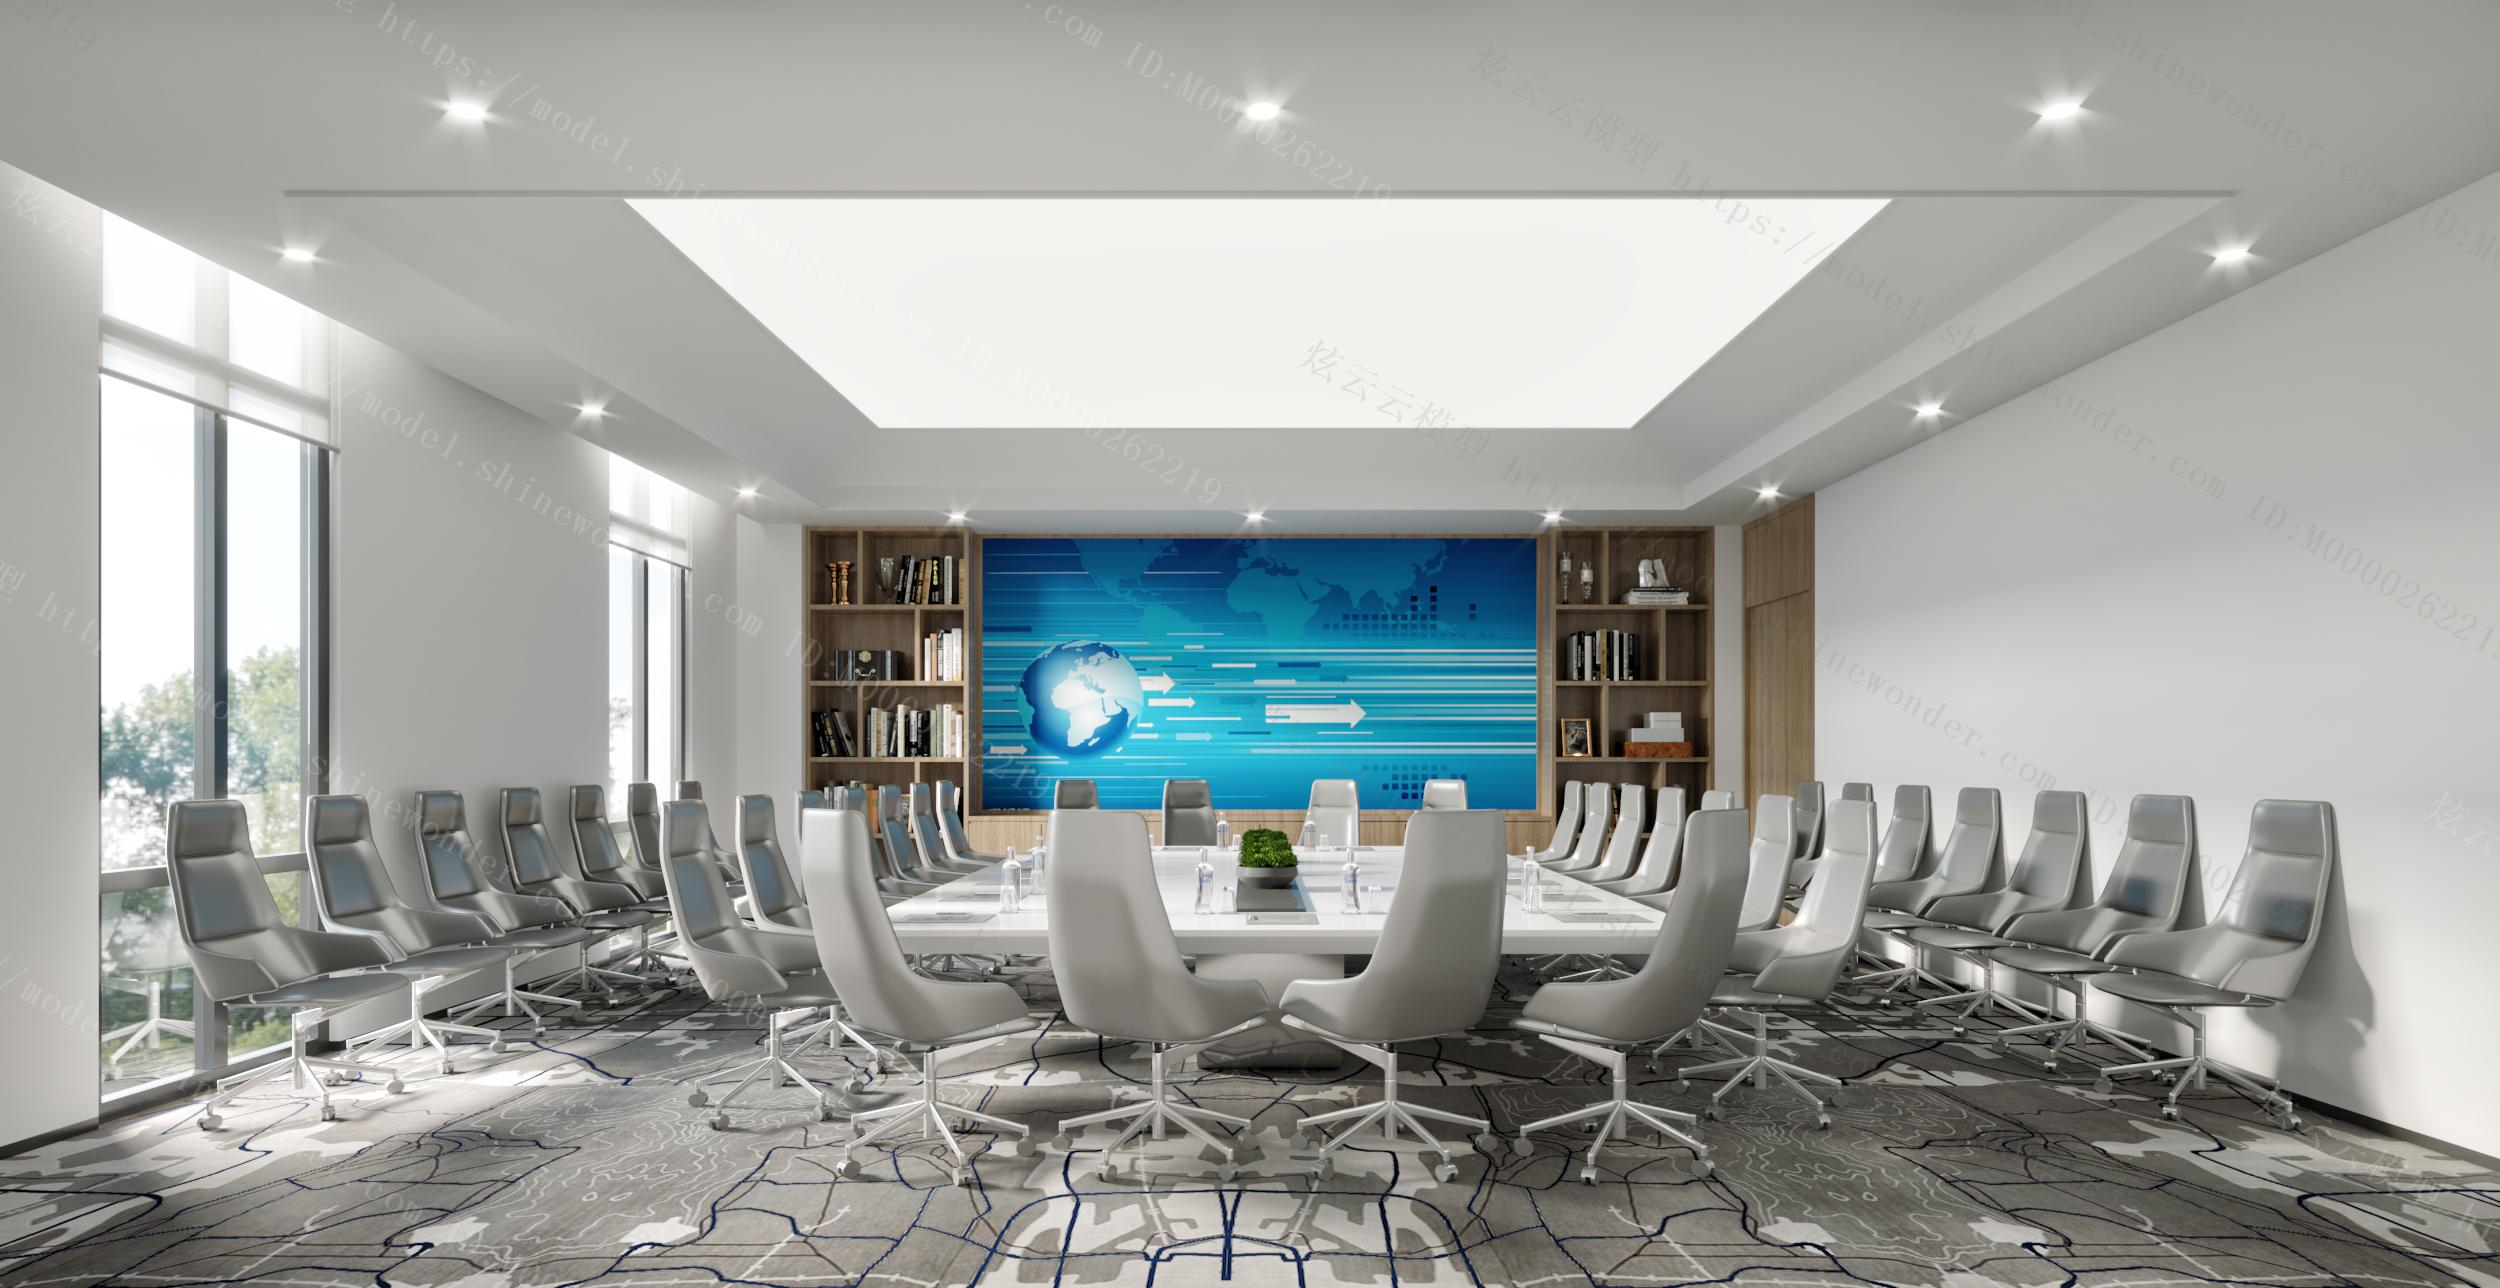 现代经理室会议室模型